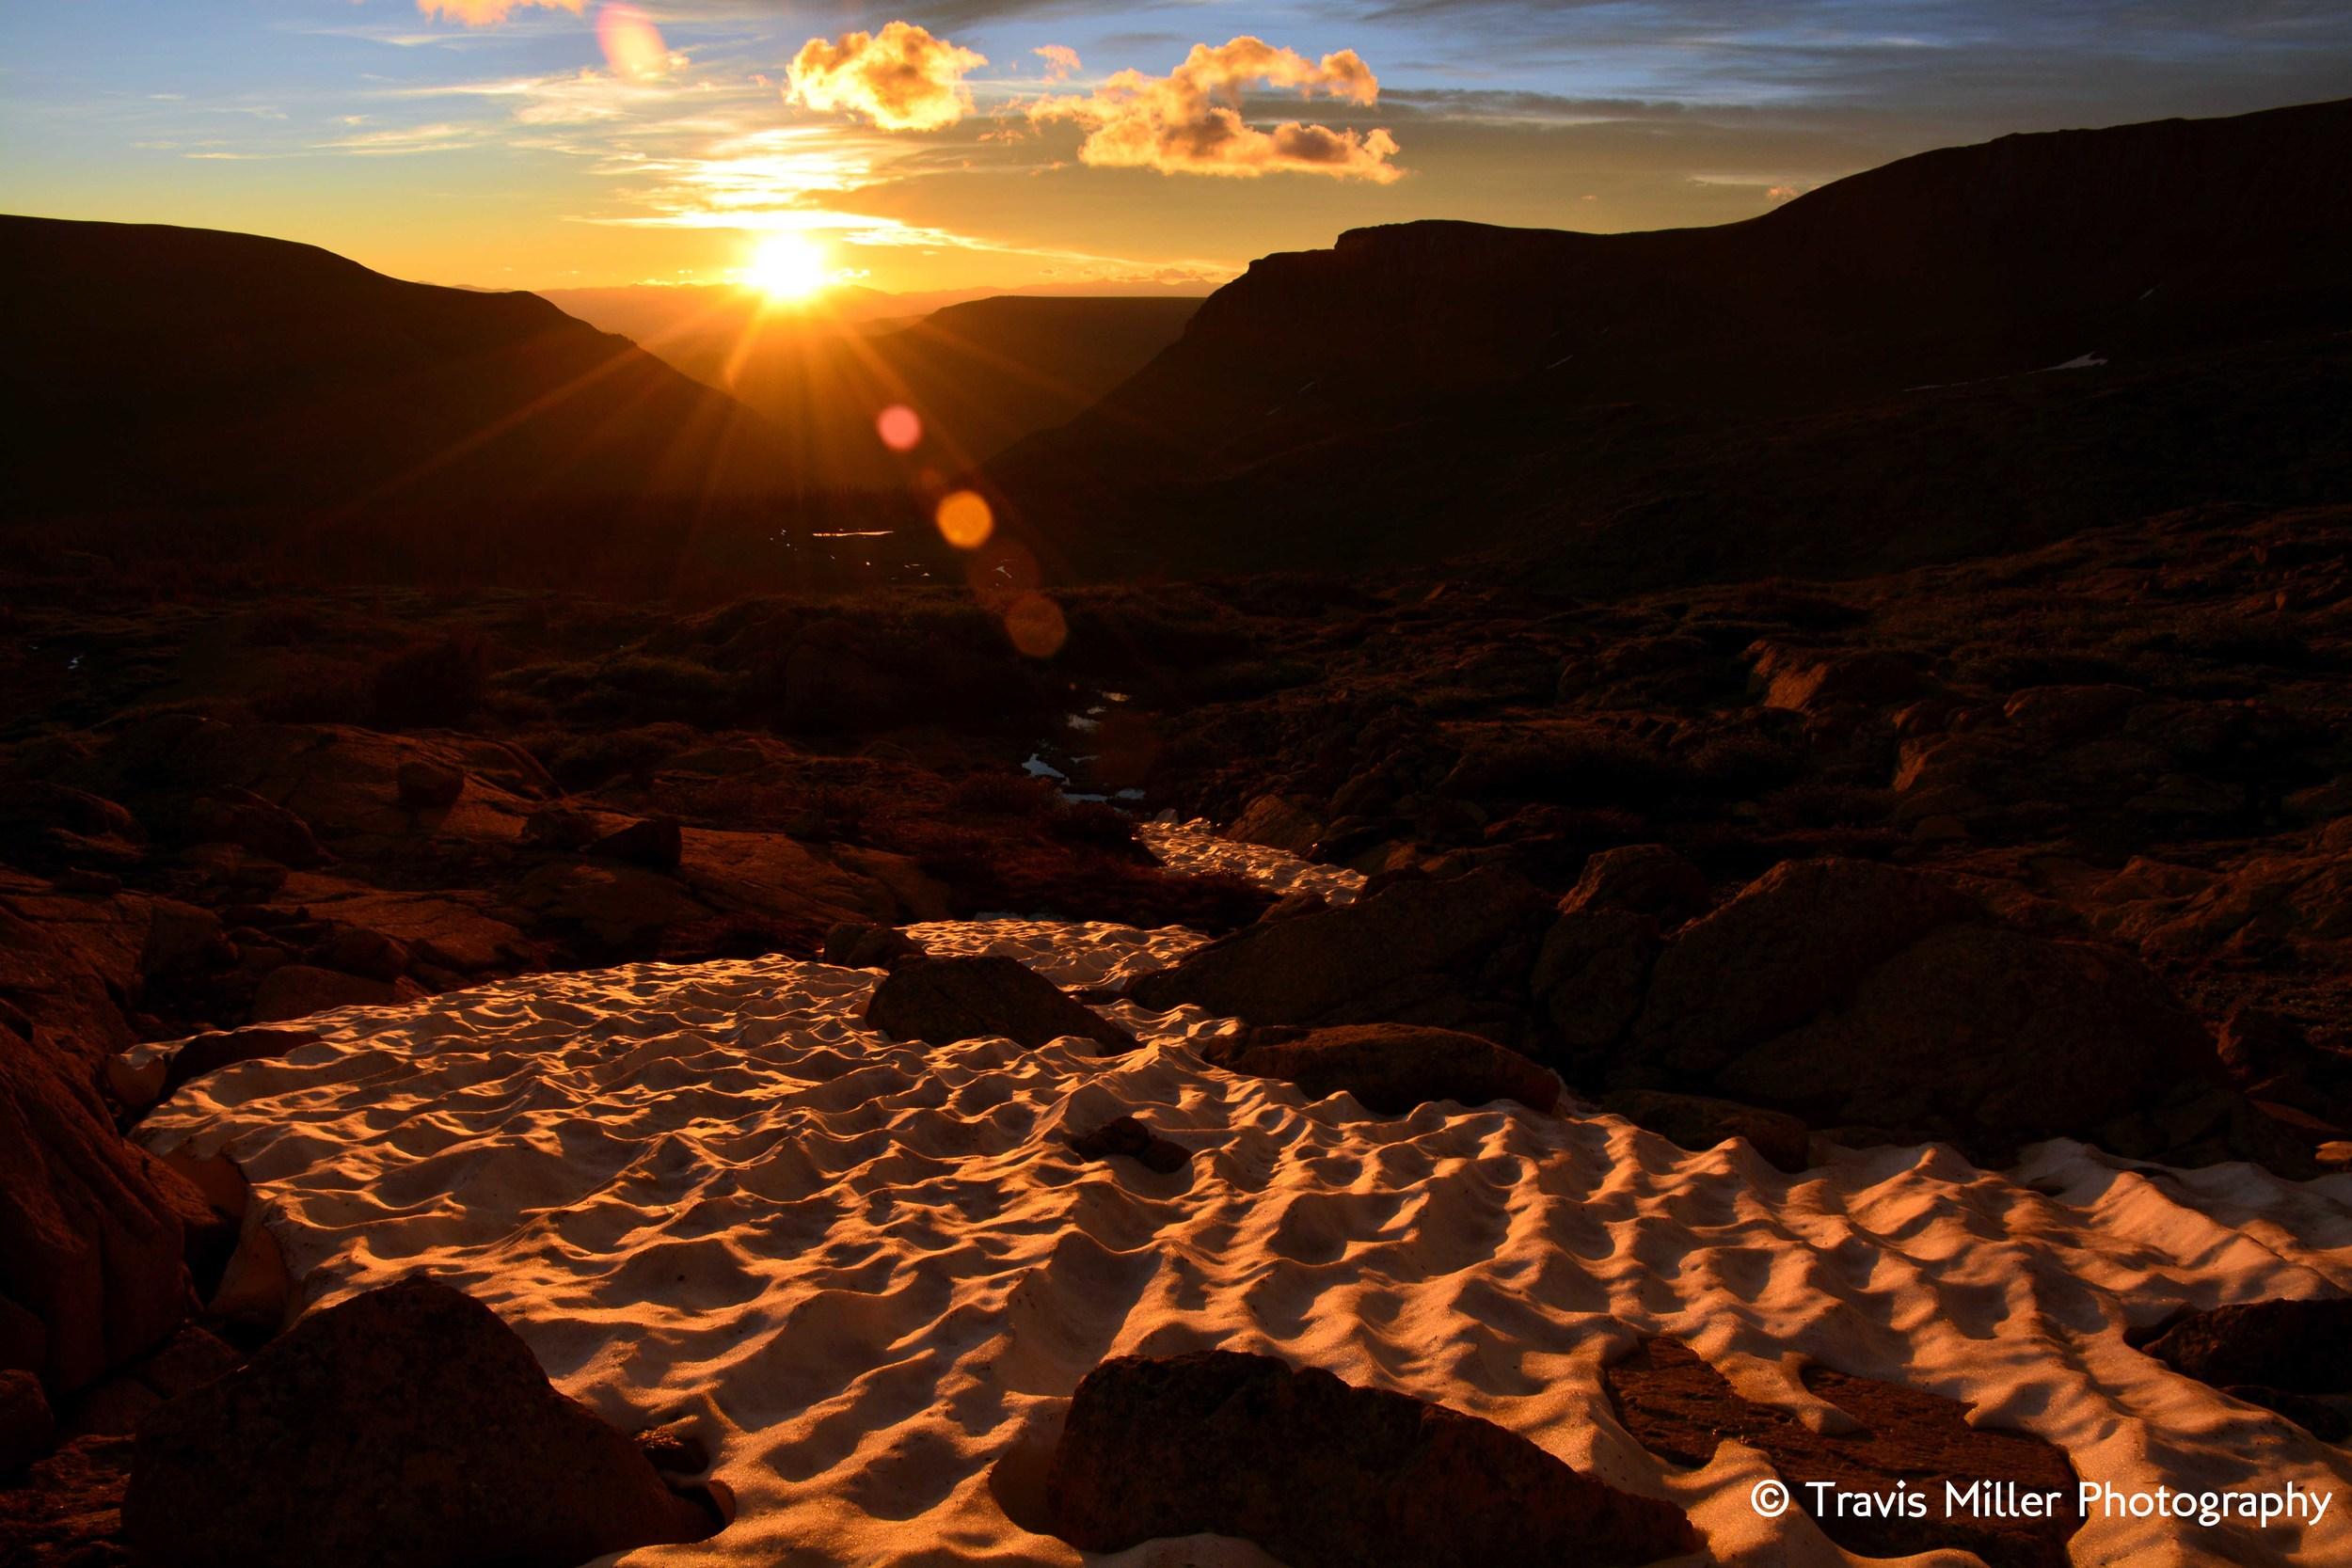 Sunrise at 12,500 /     La Garita Wilderness Area, CO